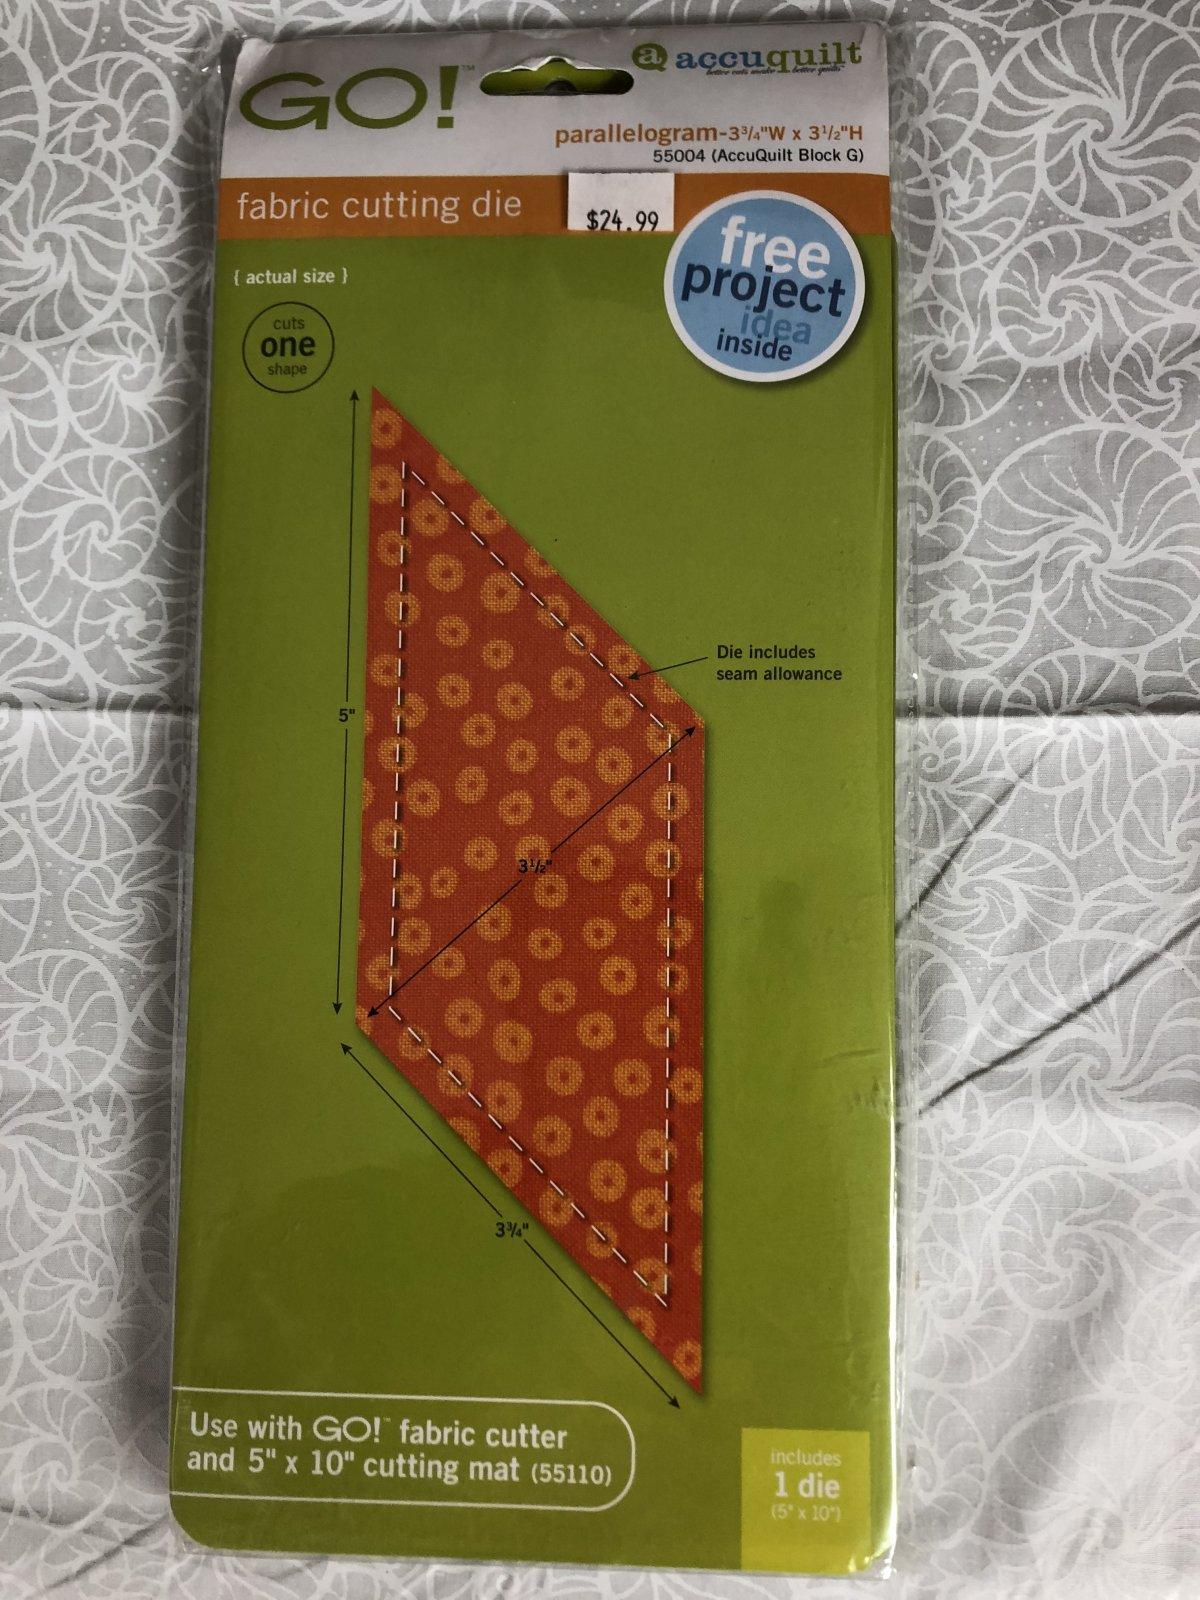 Accuquilt Go! Parallelogram 55004 Fabric Cutting Die